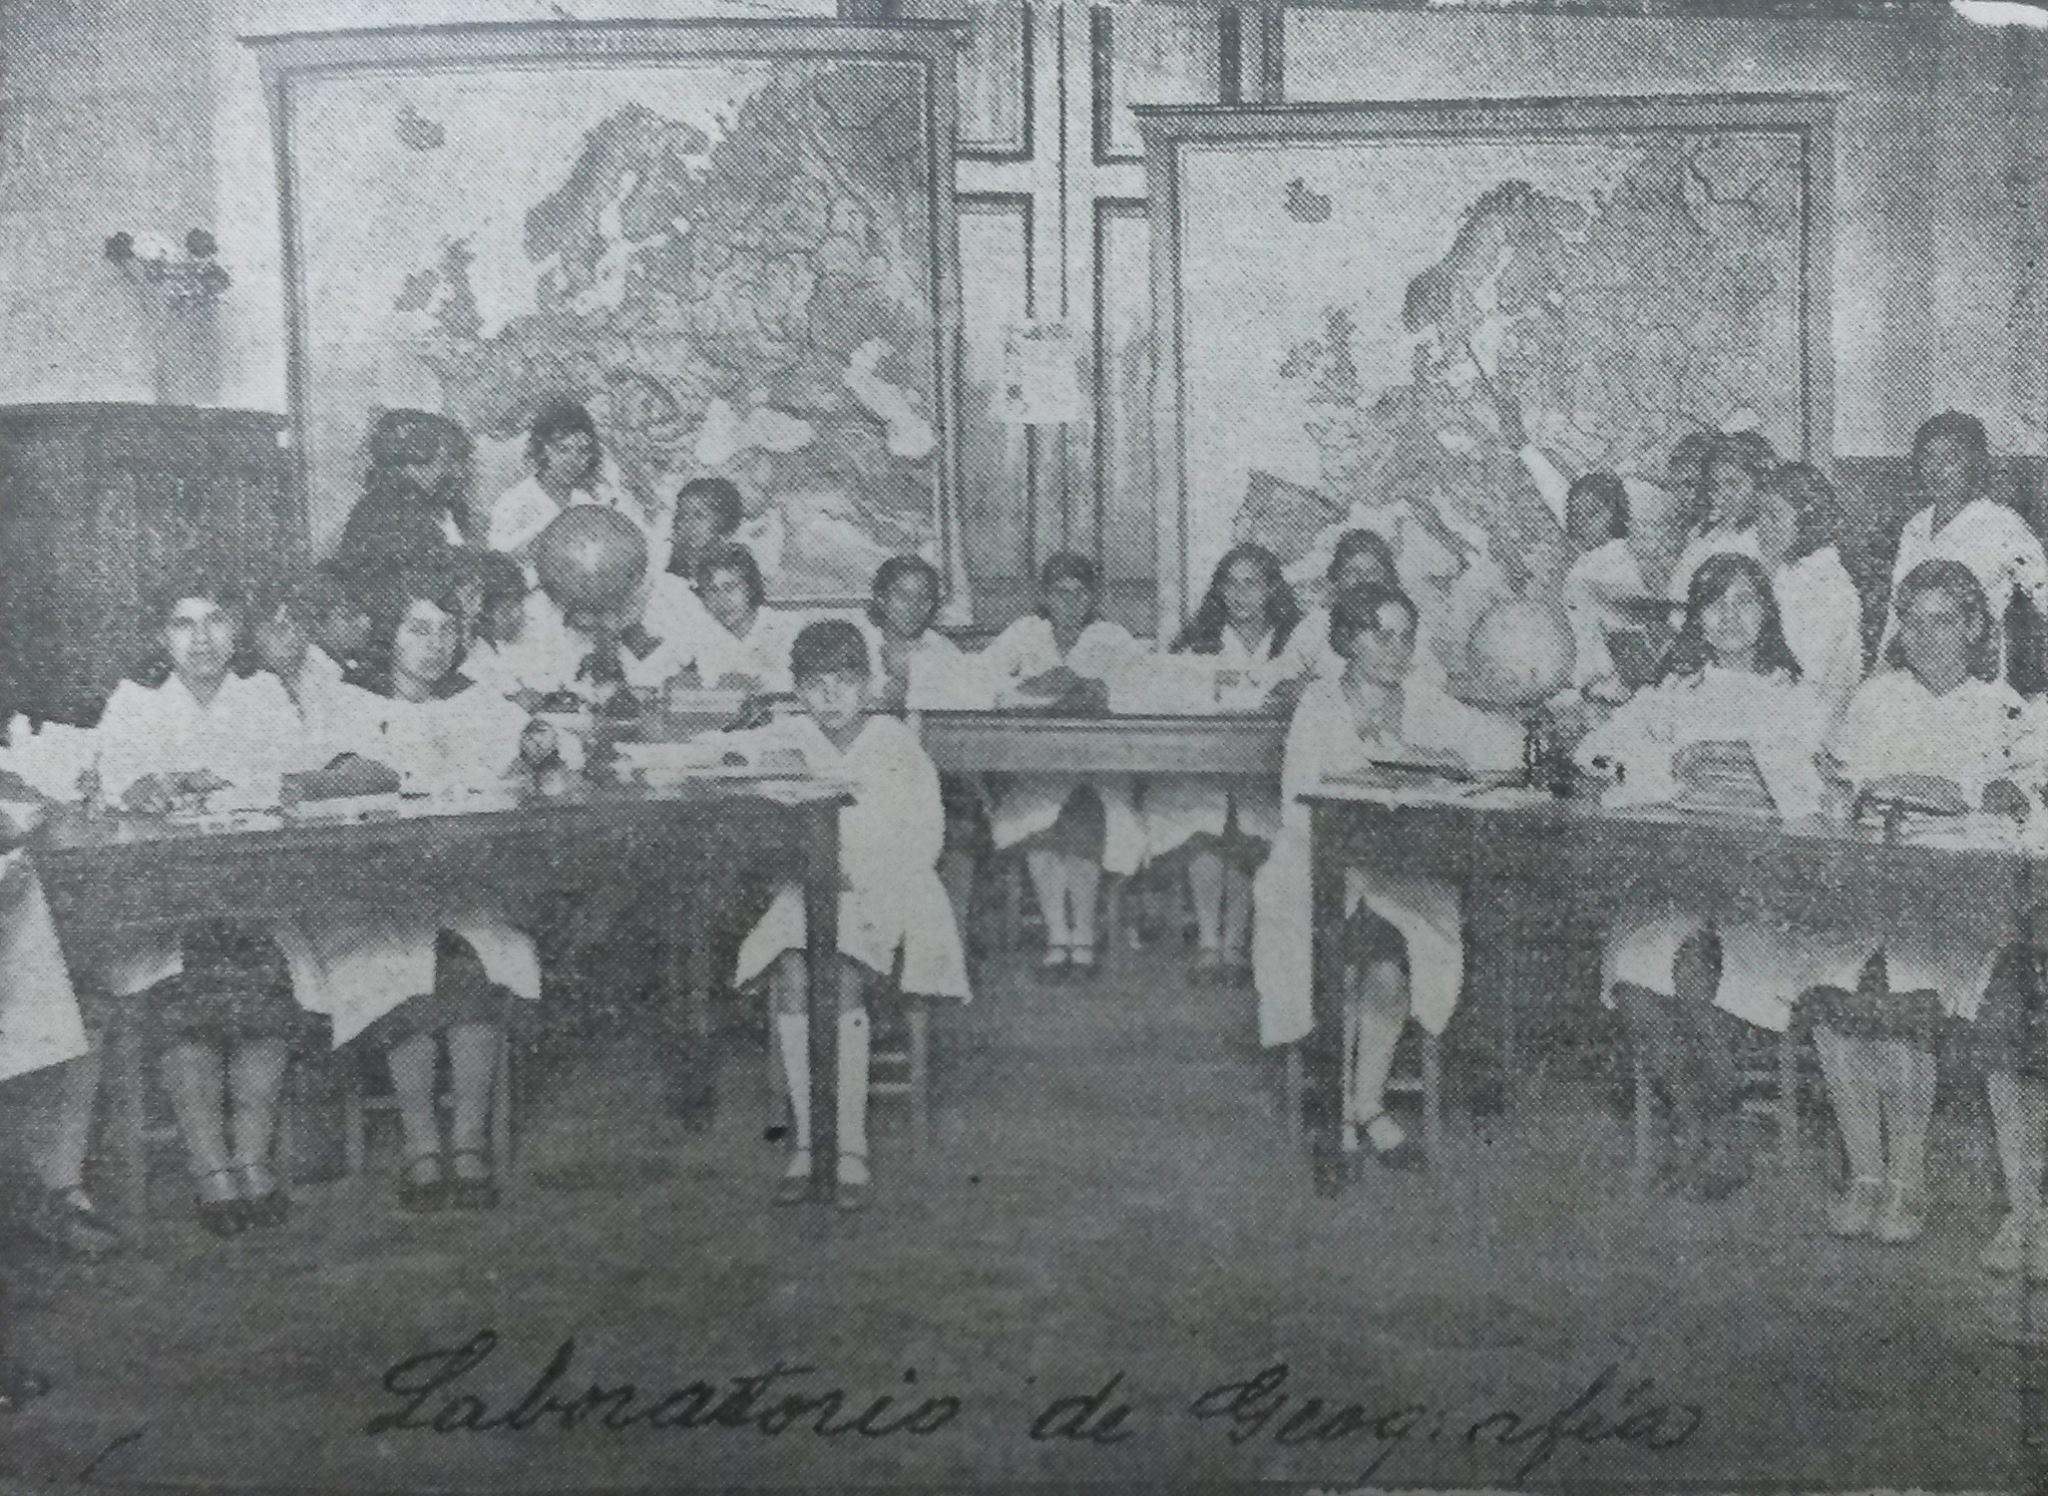 Laboratorio de Geografía en la Escuela Brasil, 1930. Cortesía